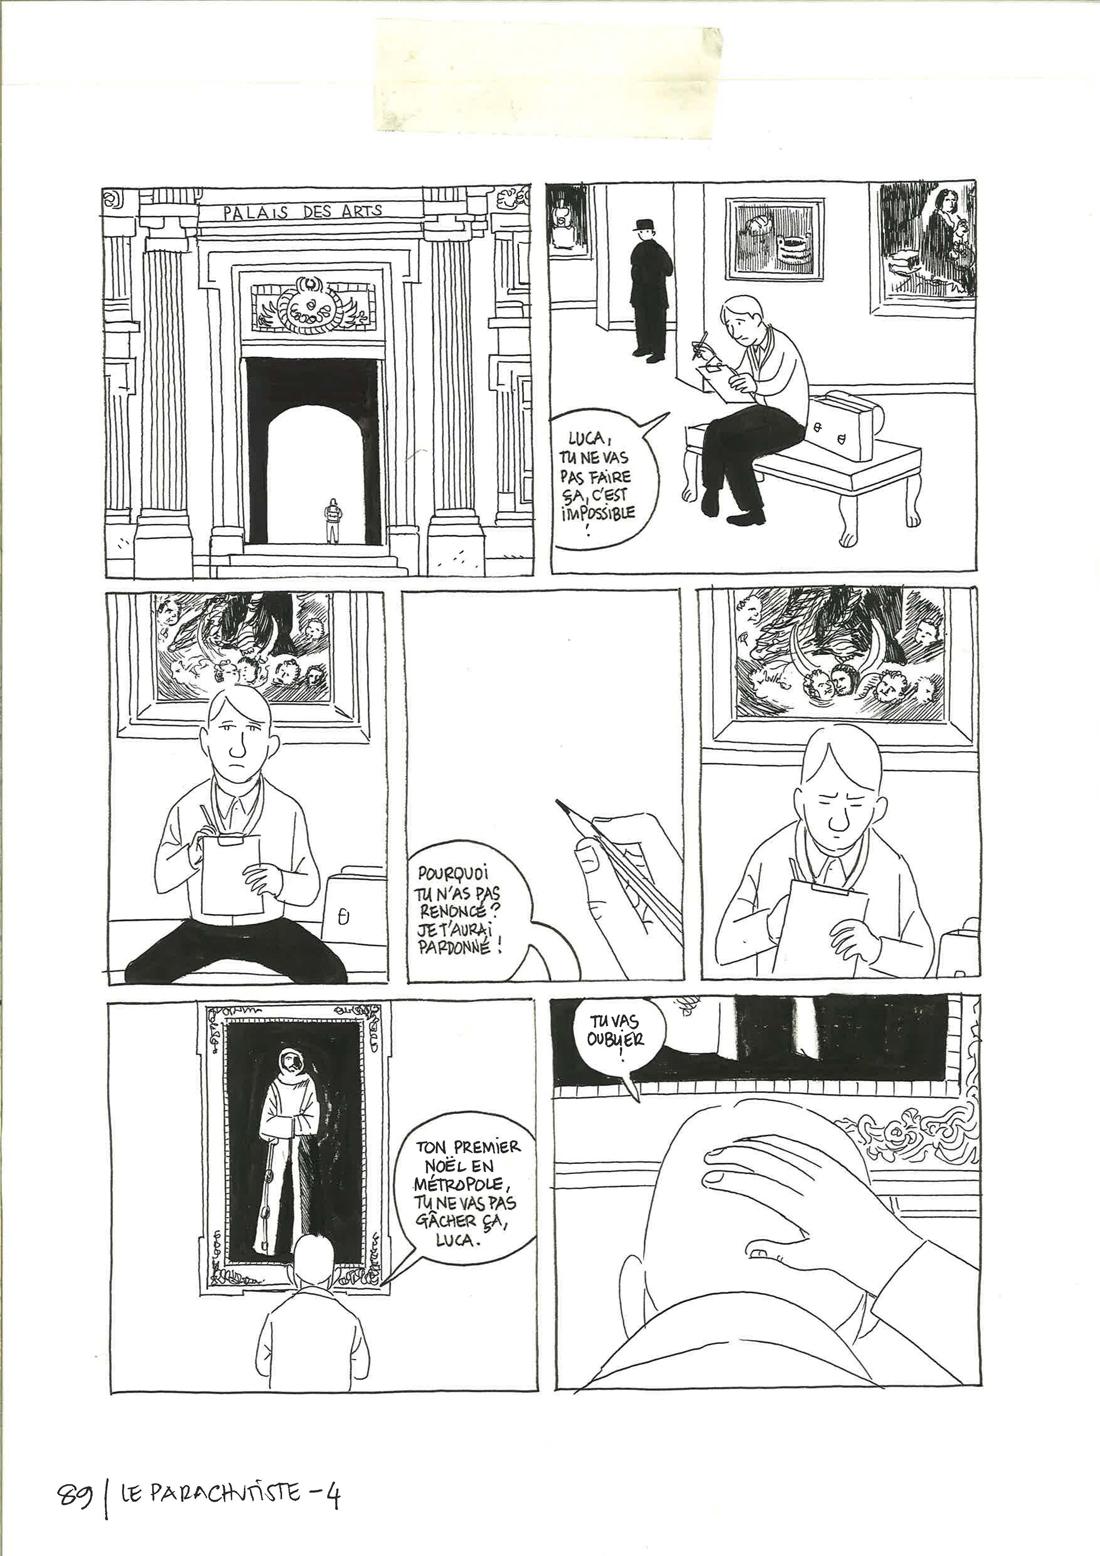 30 ans d'édition, par Sébastien Gnaedig, Chapitre 48: Profession du père. Planche 89